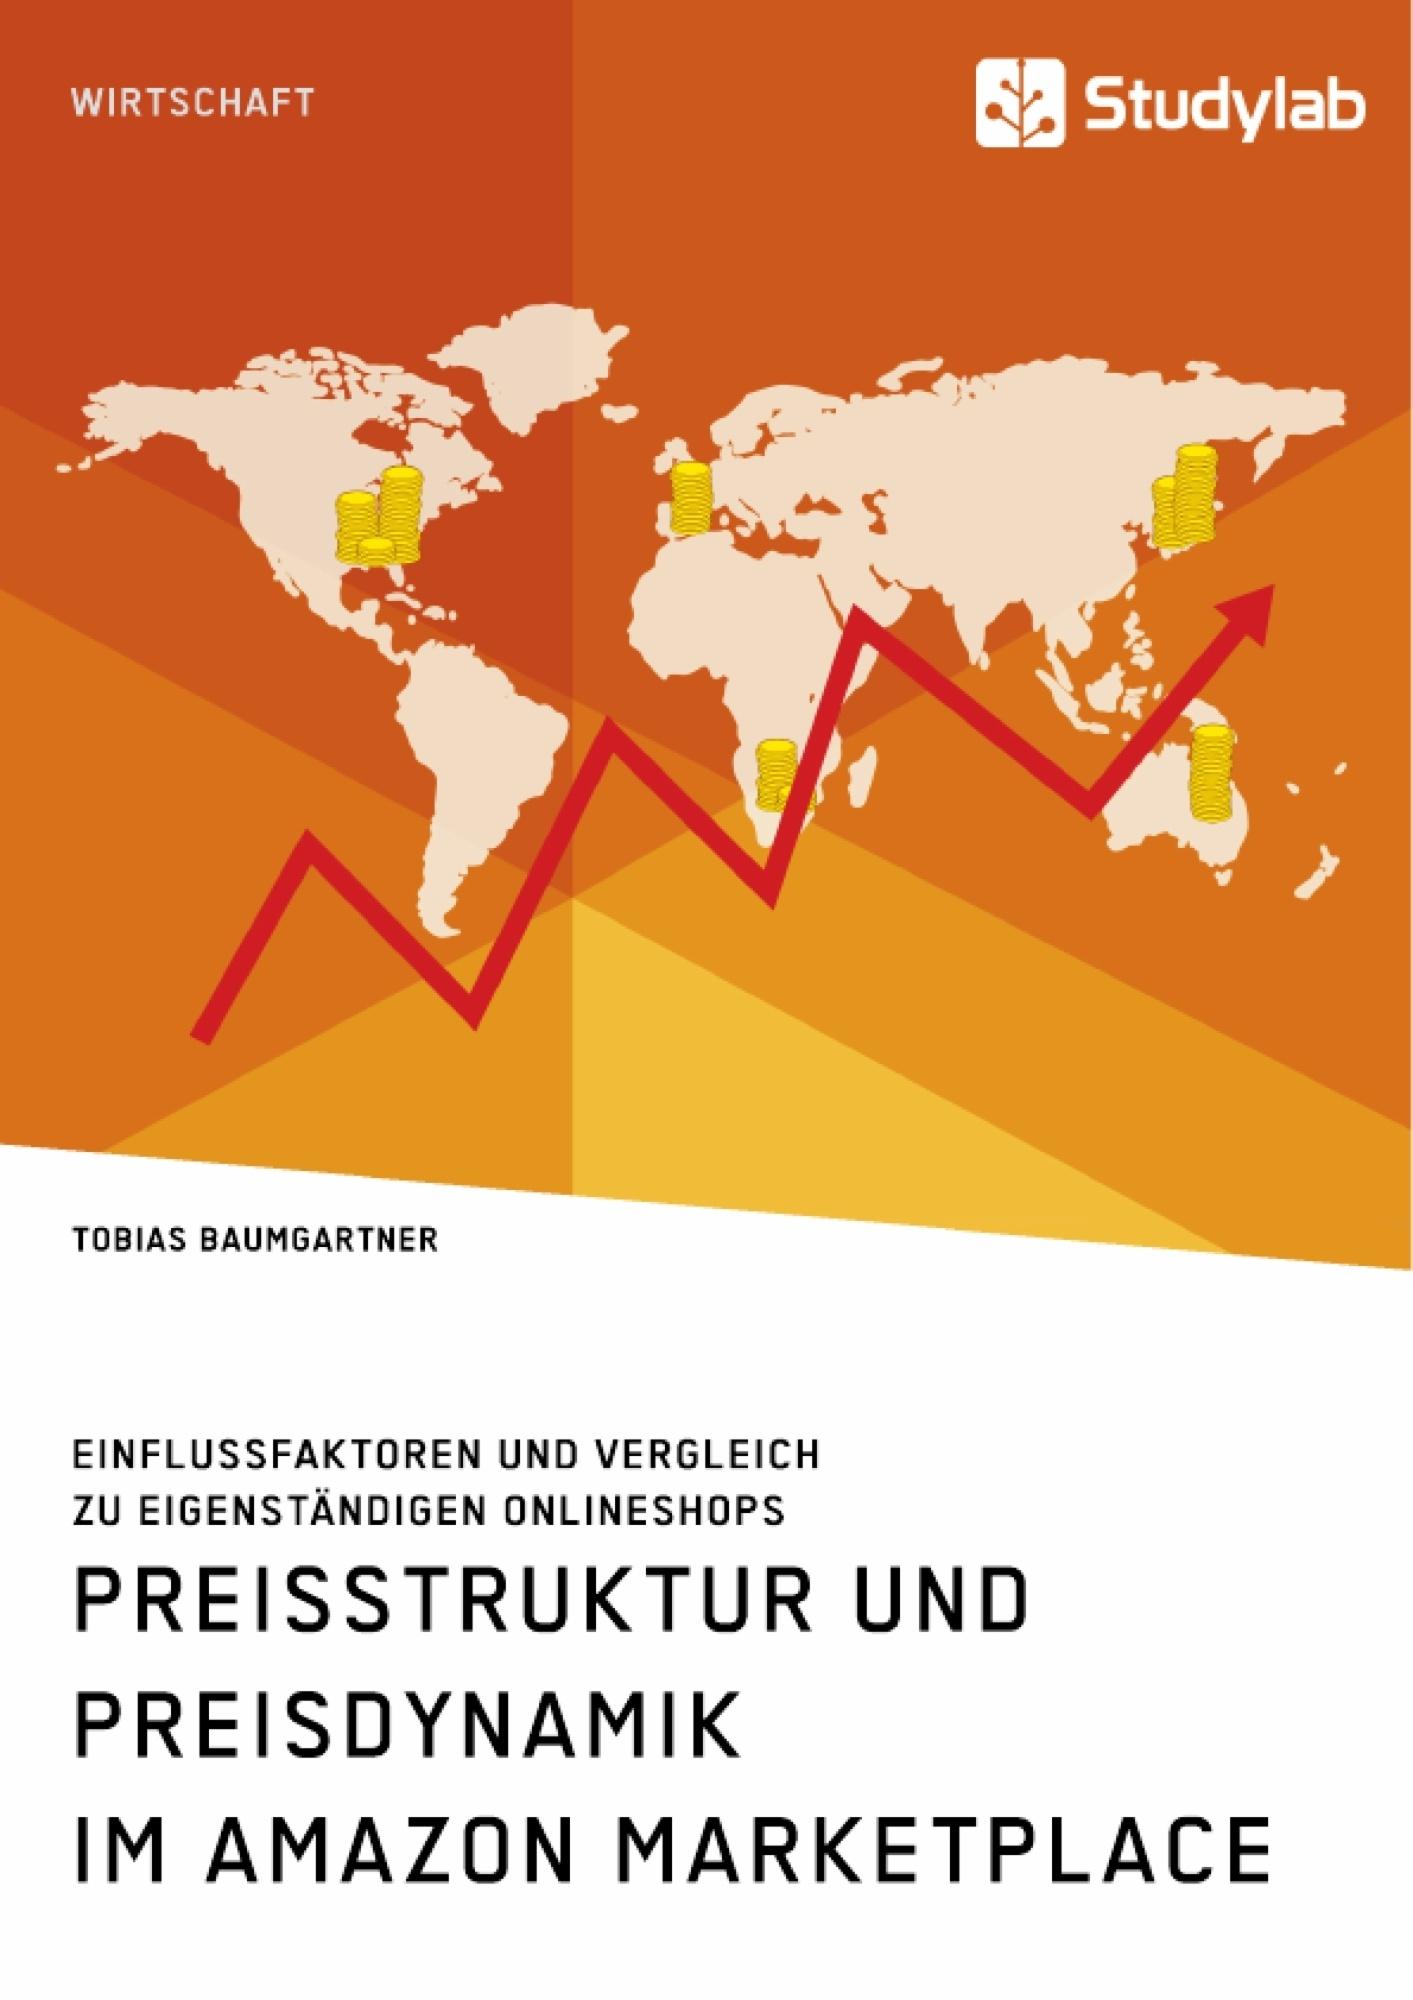 Titel: Preisstruktur und Preisdynamik im Amazon Marketplace. Einflussfaktoren und Vergleich zu eigenständigen Onlineshops